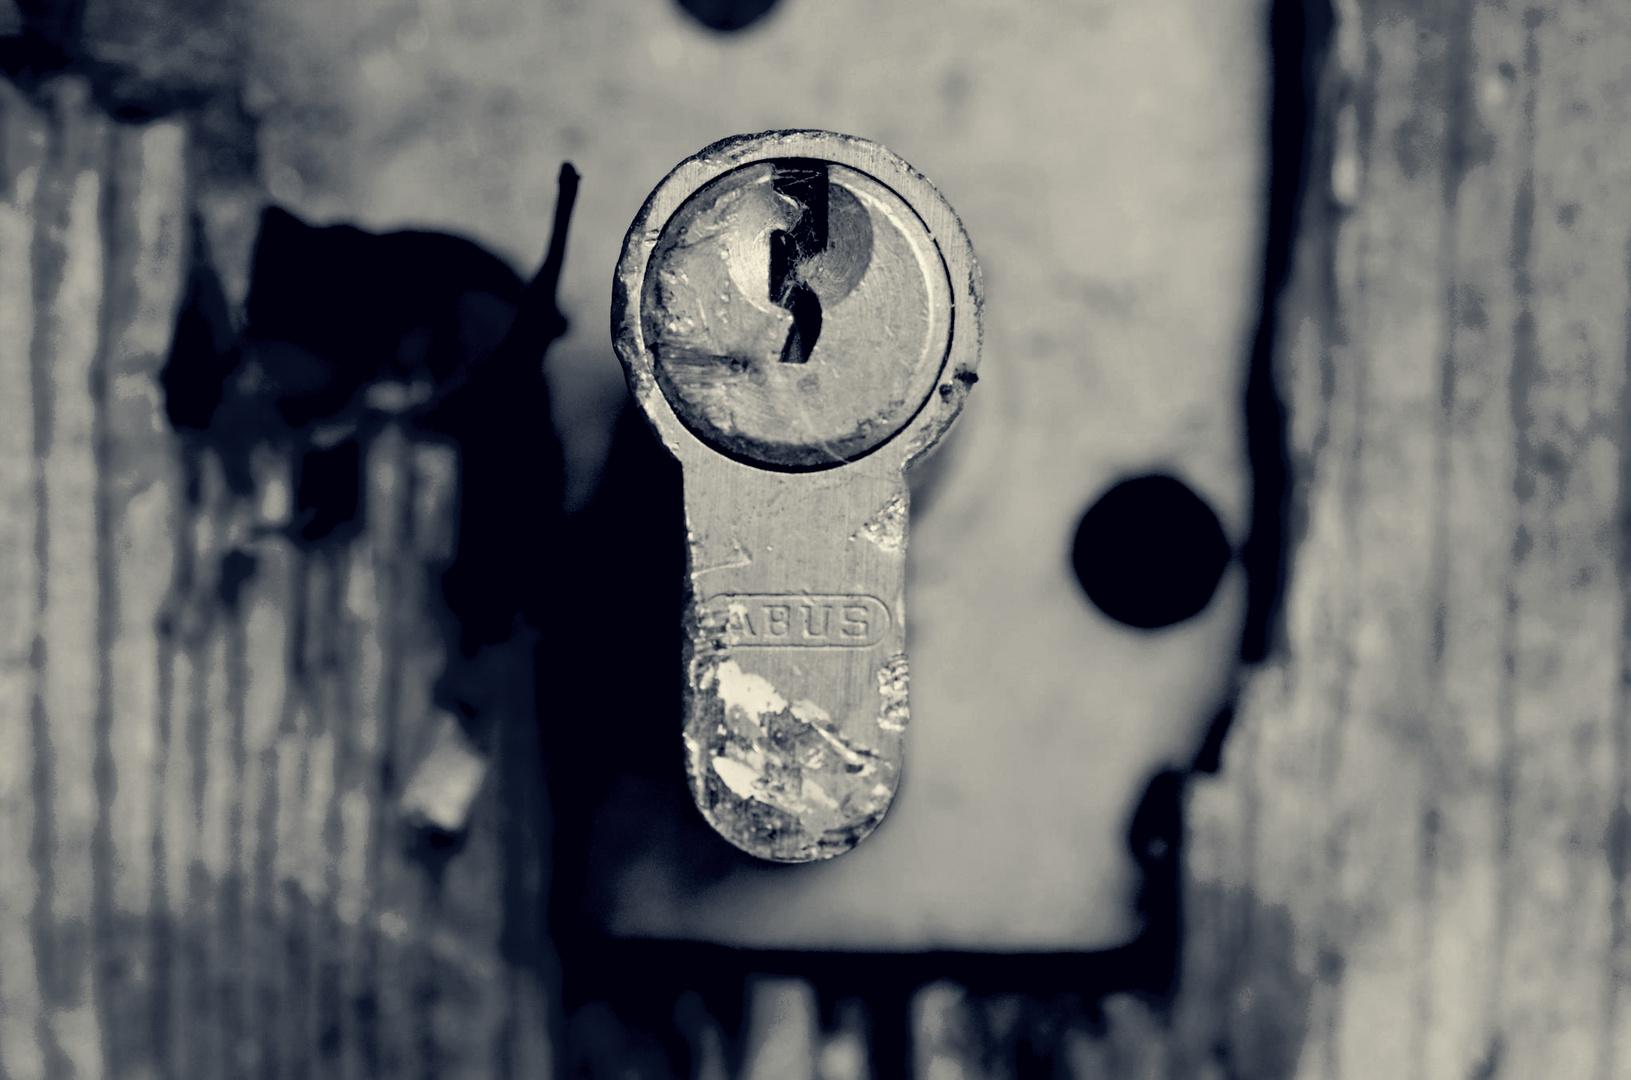 wohin führt das wohl und ..wer hat den Schlüssel?